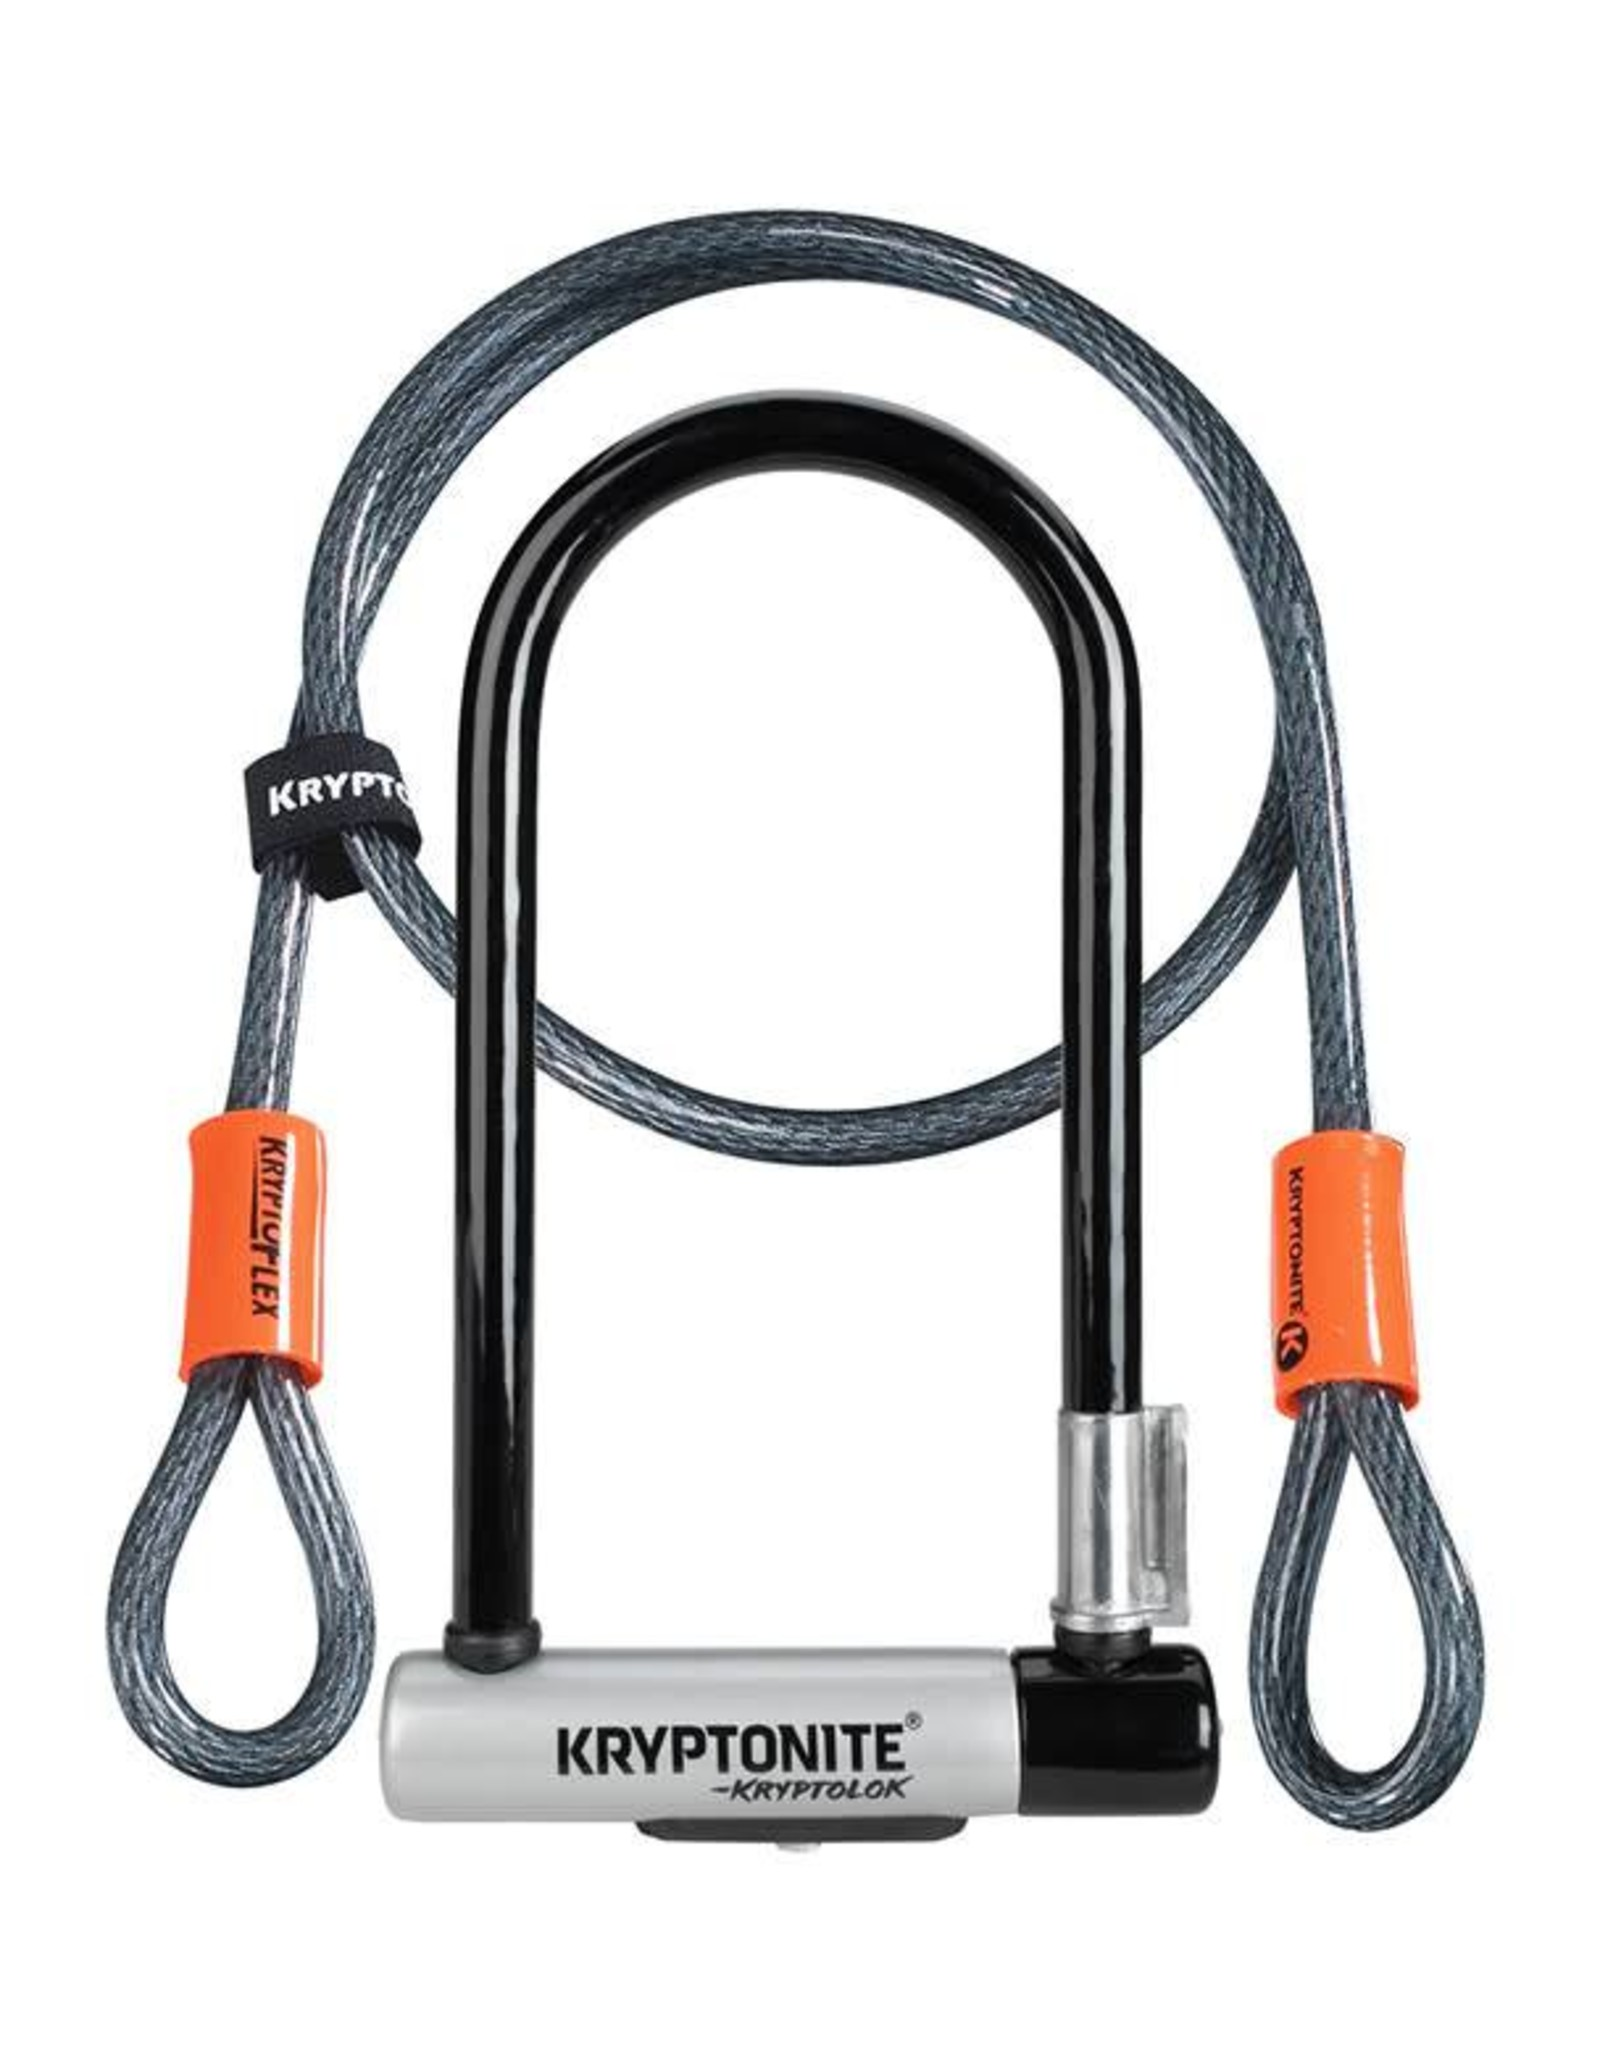 Kryptonite KRYPTOLOK STD & FLEX CABLE 4' AV/SUPPORT F-FRAME